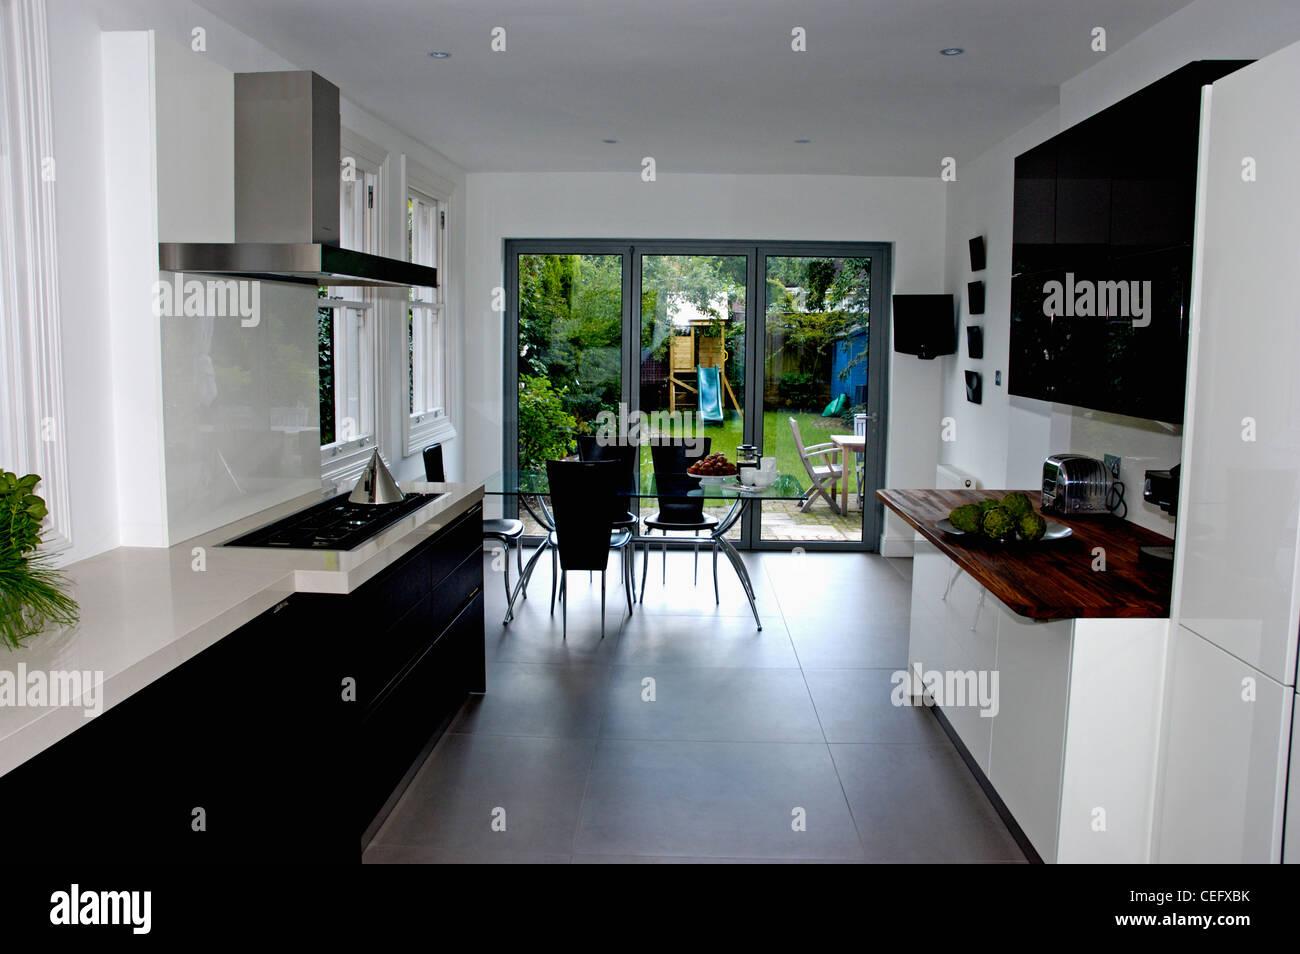 Moderne Weisse Kuche Esszimmer Mit Schwarzem Boden Und Glas